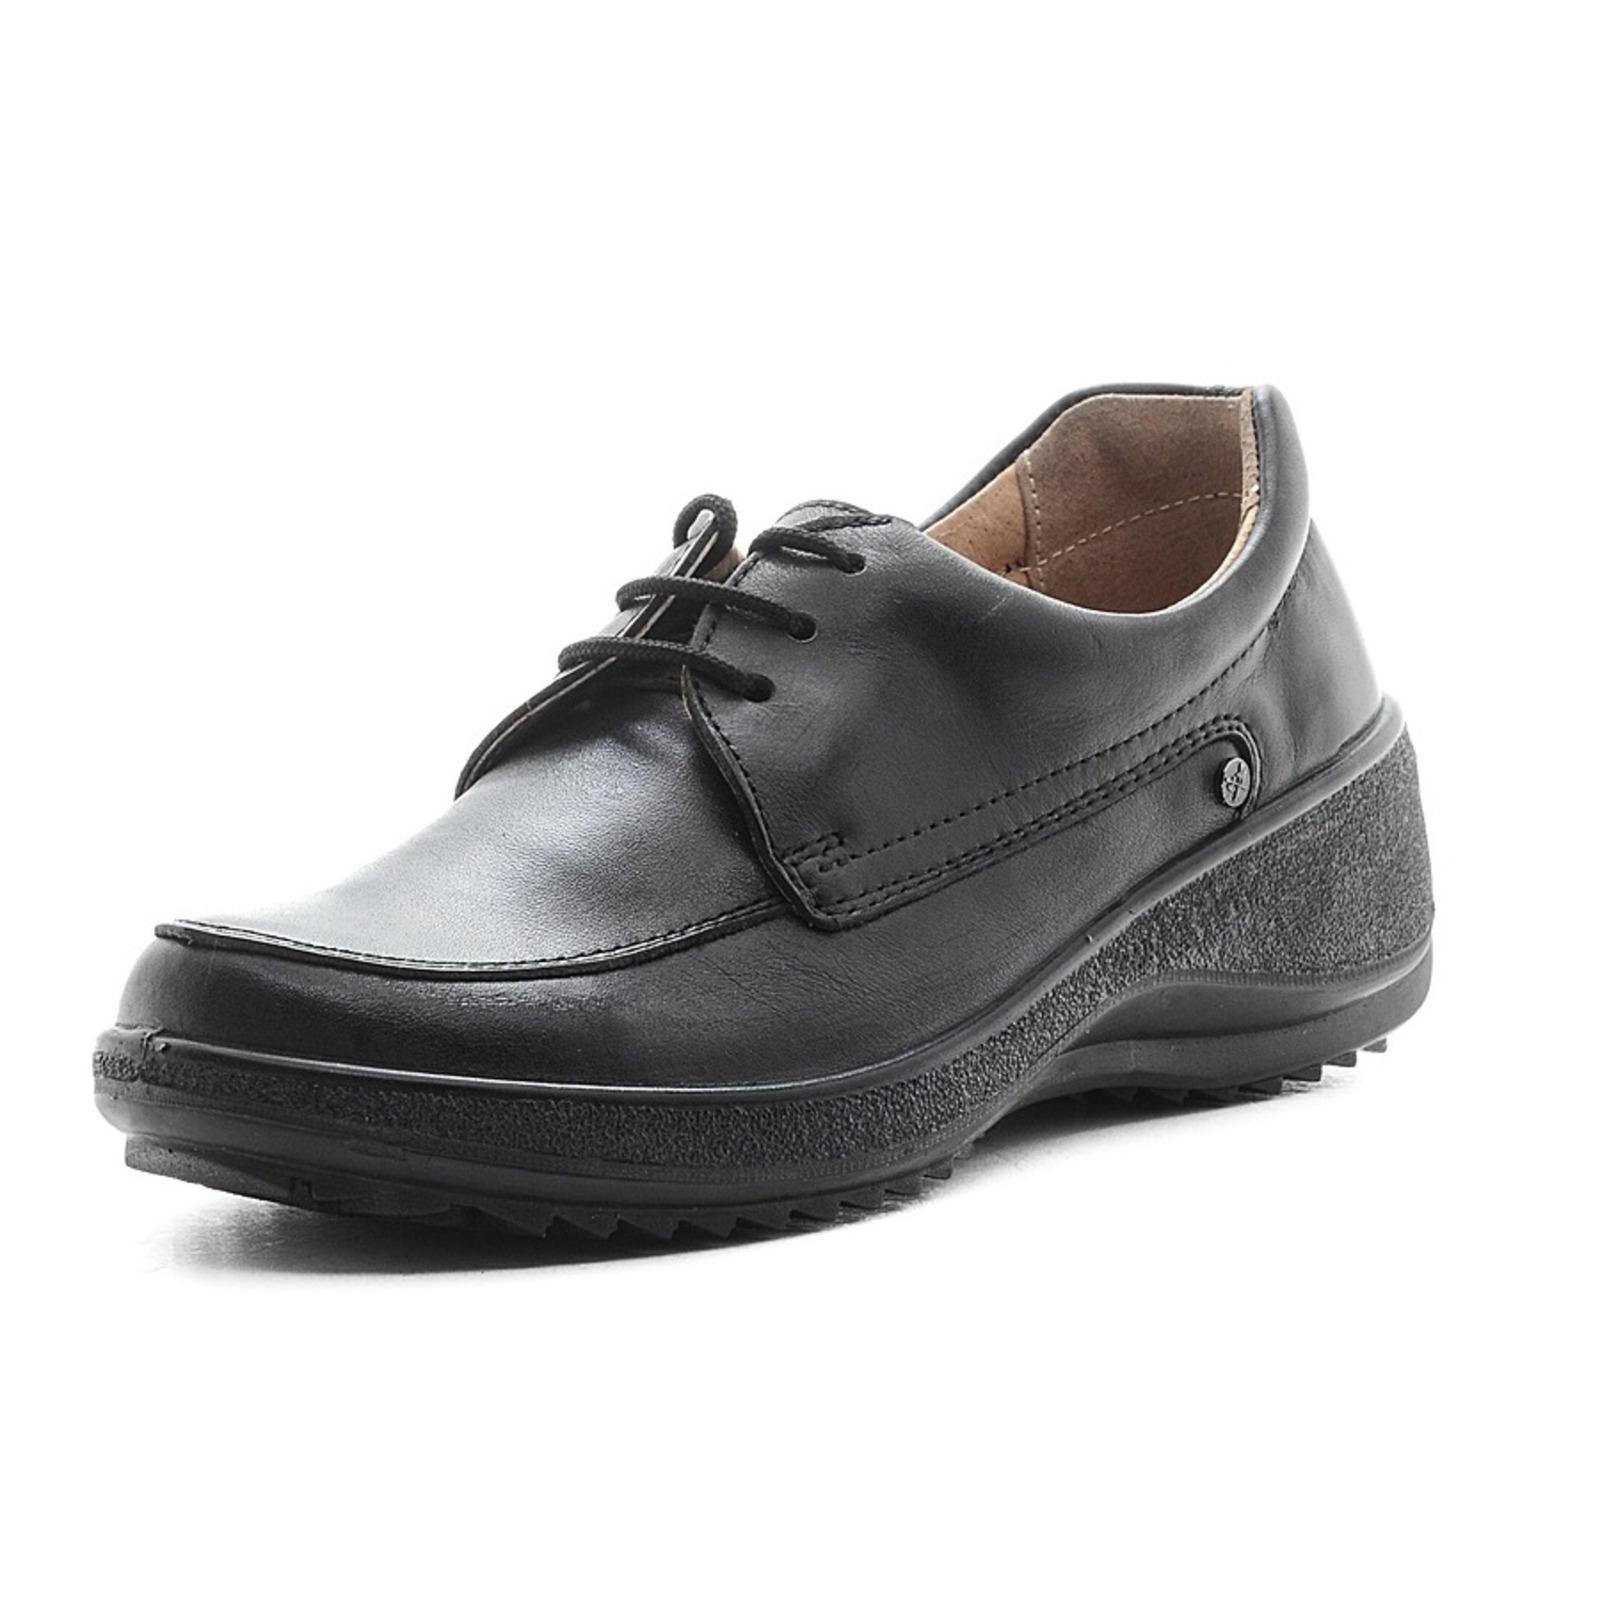 Женские туфли со шнуровкой на танкетке обувь shoiberg